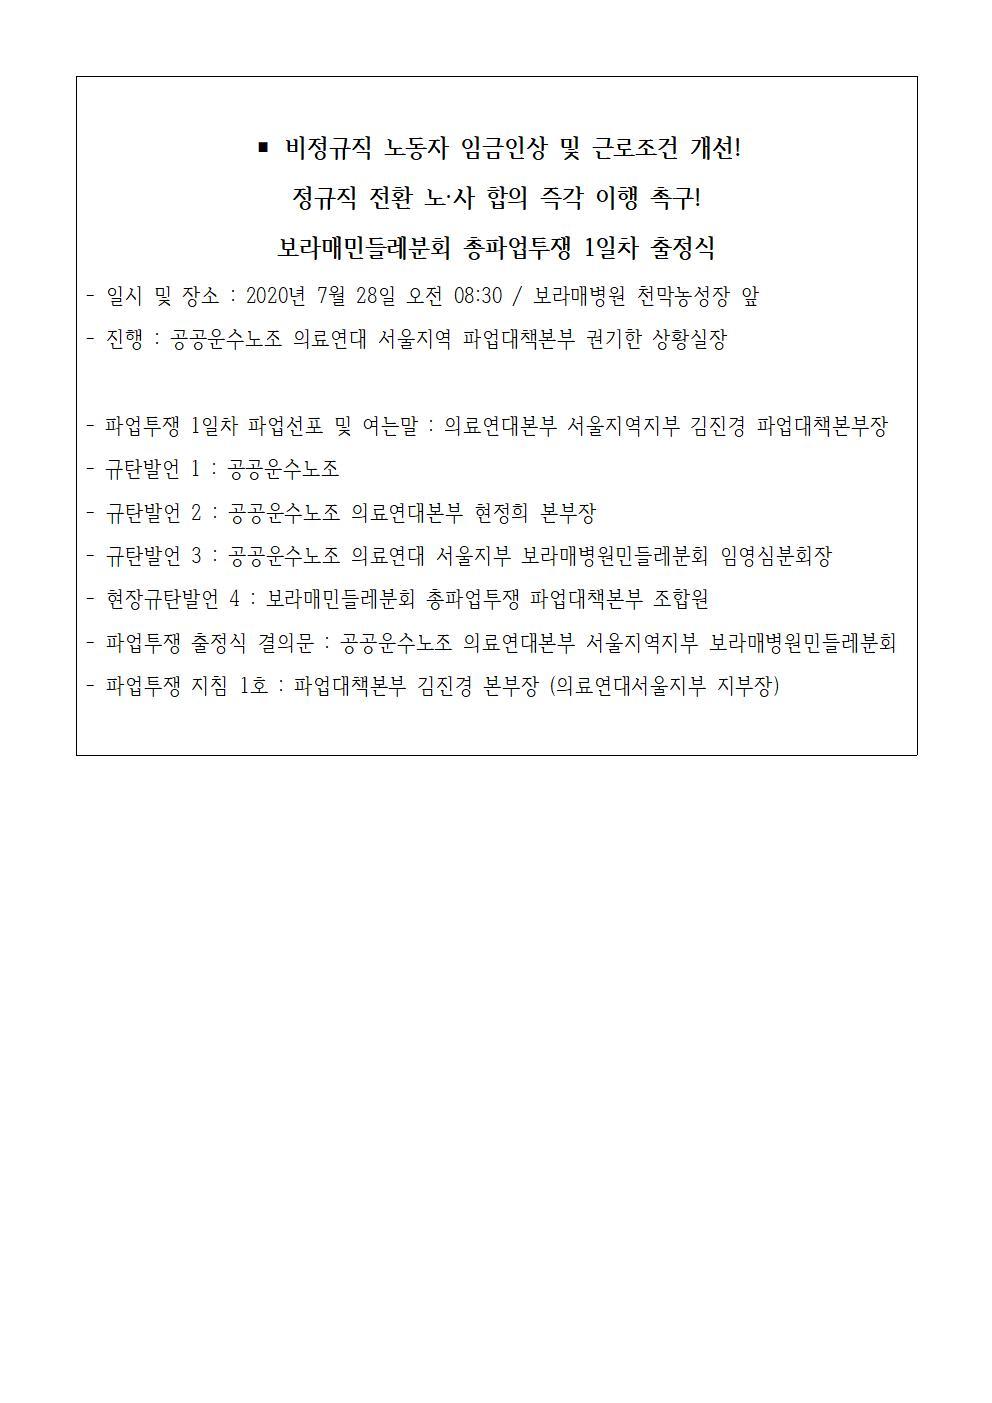 200727_[취재요청]보라매병원민들레분회무기한총파업002.jpg